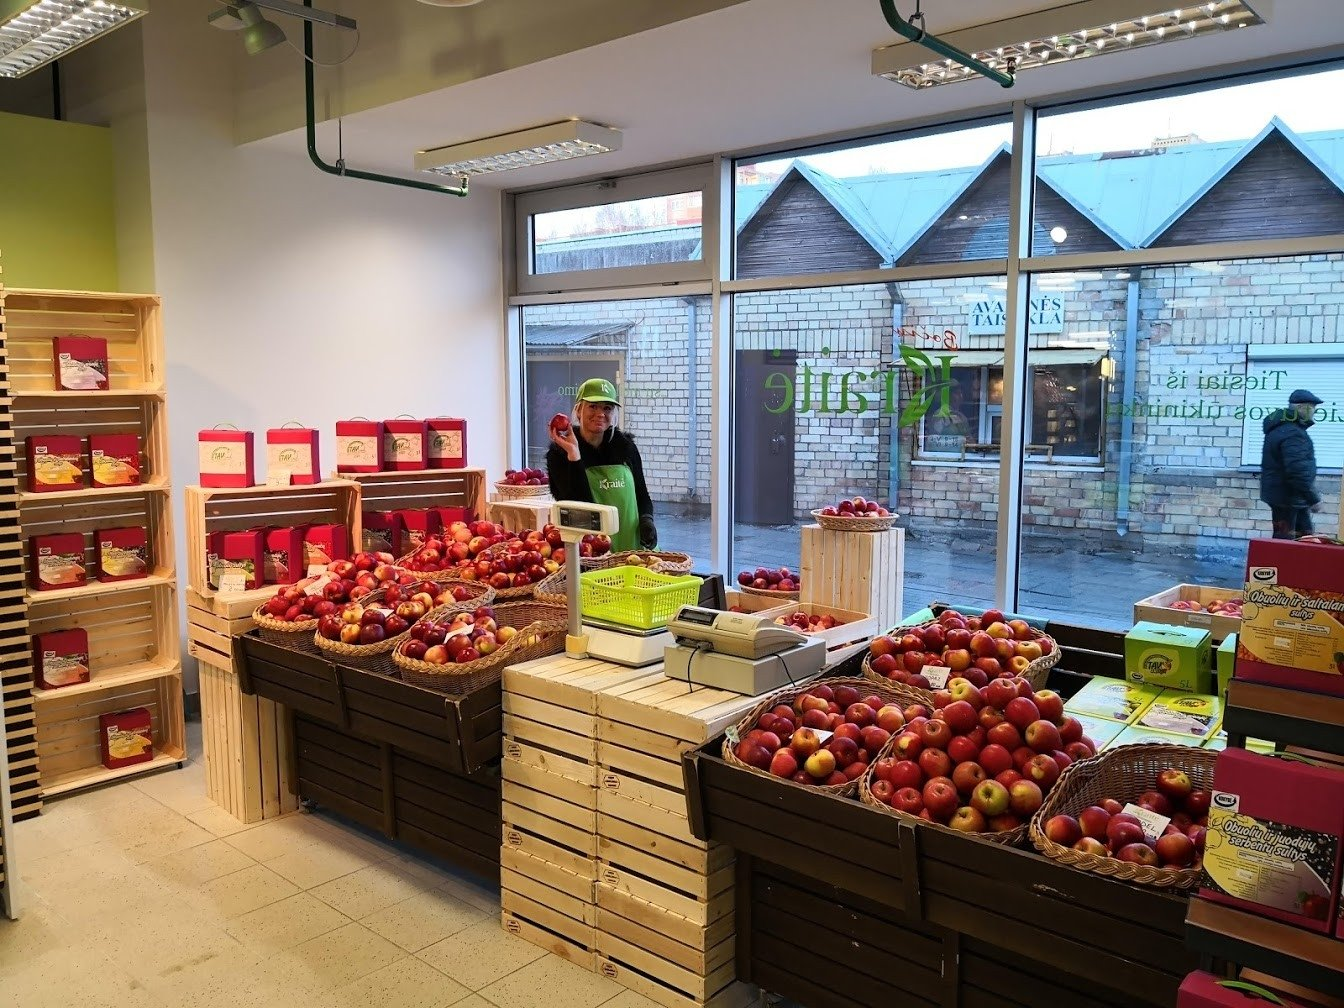 obuolių parduotuvė prekyba pasirinkimo galimybėmis